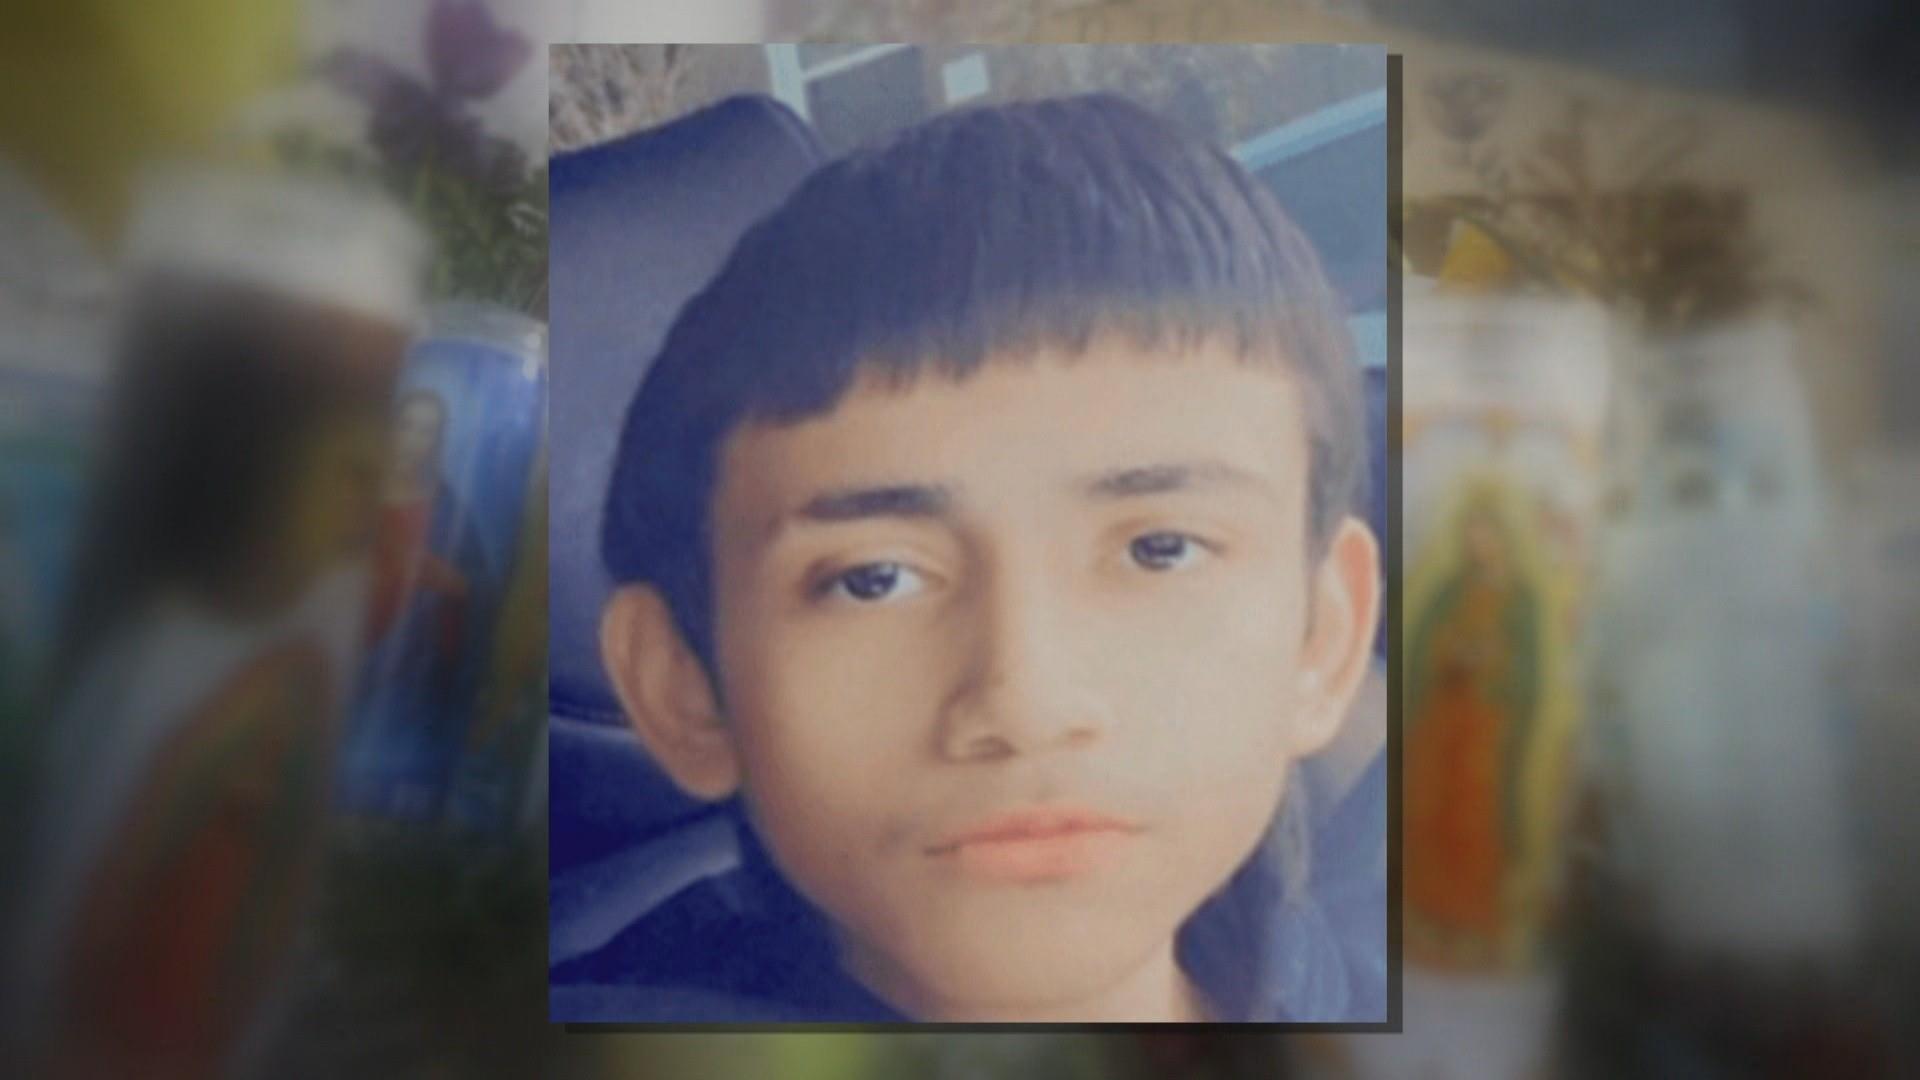 Policia e Çikagos publikon pamjet kur oficeri qëllon për vdekje një 13-vjeçar